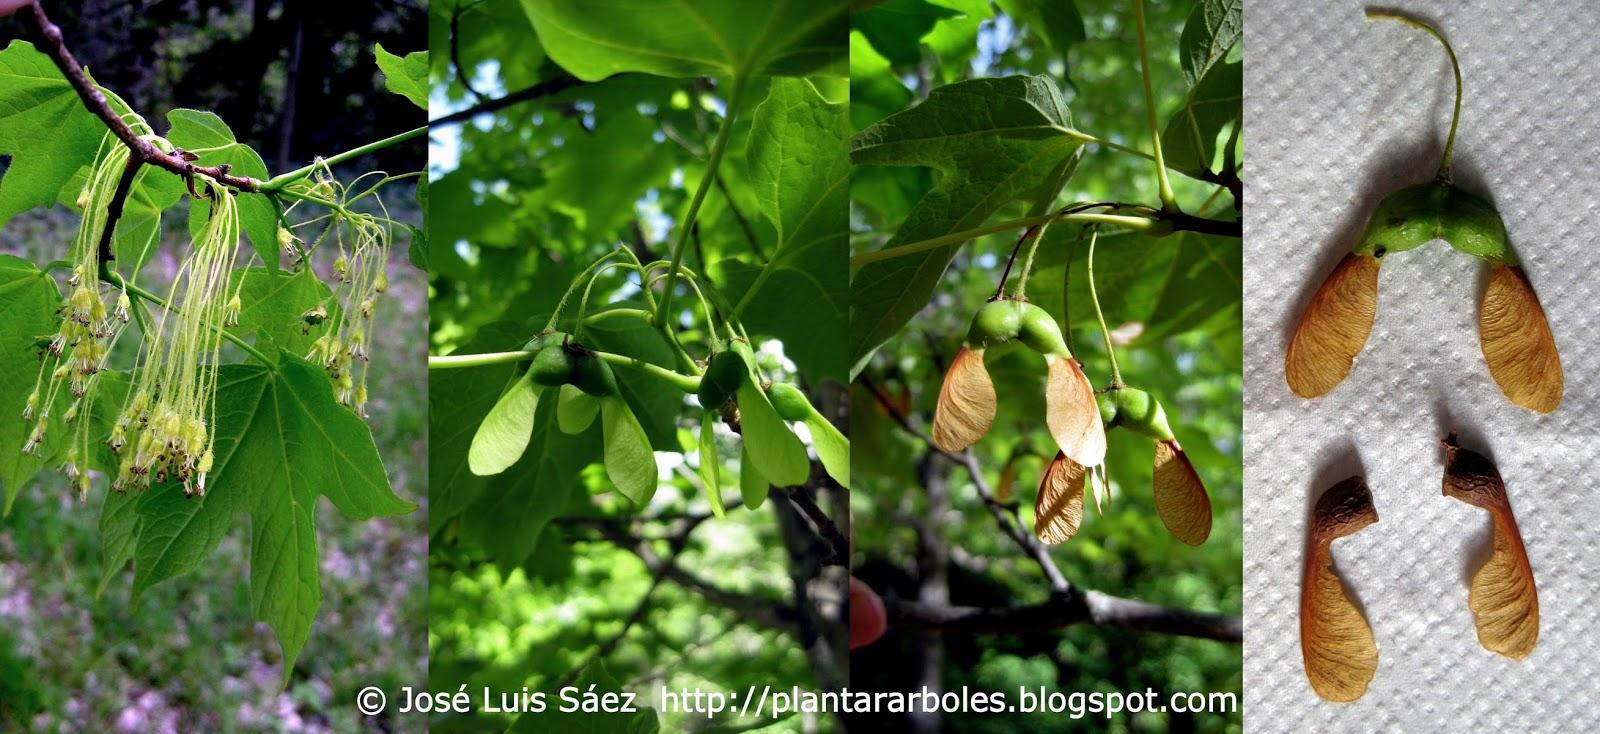 Plantar rboles y arbustos i rboles no aut ctonos de - Arce arbol espana ...